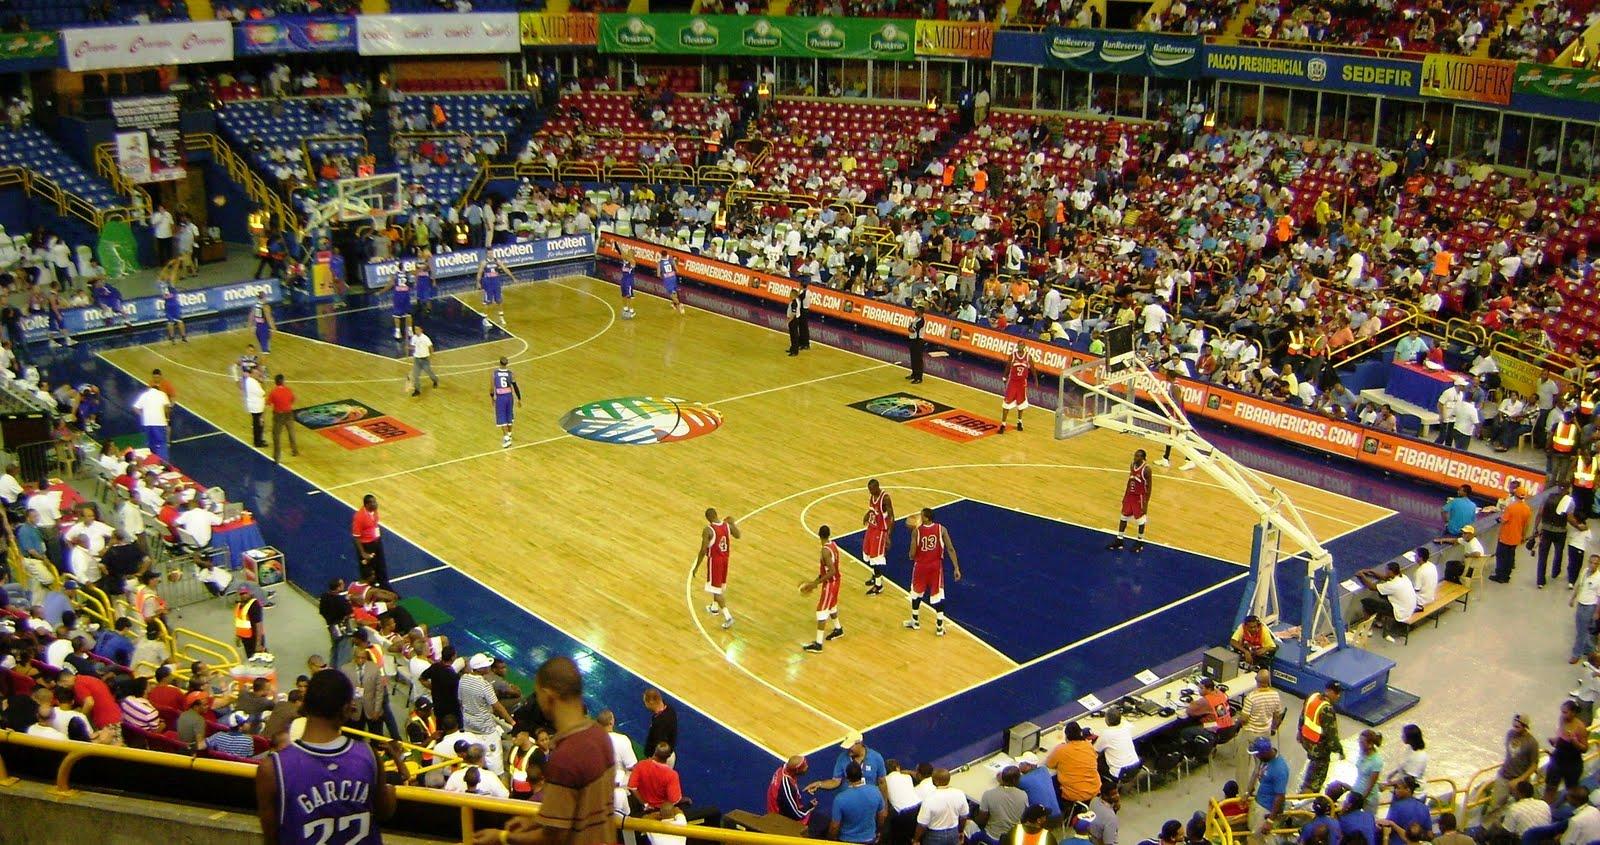 ... con buena participación del público en el Palacio de los Deportes